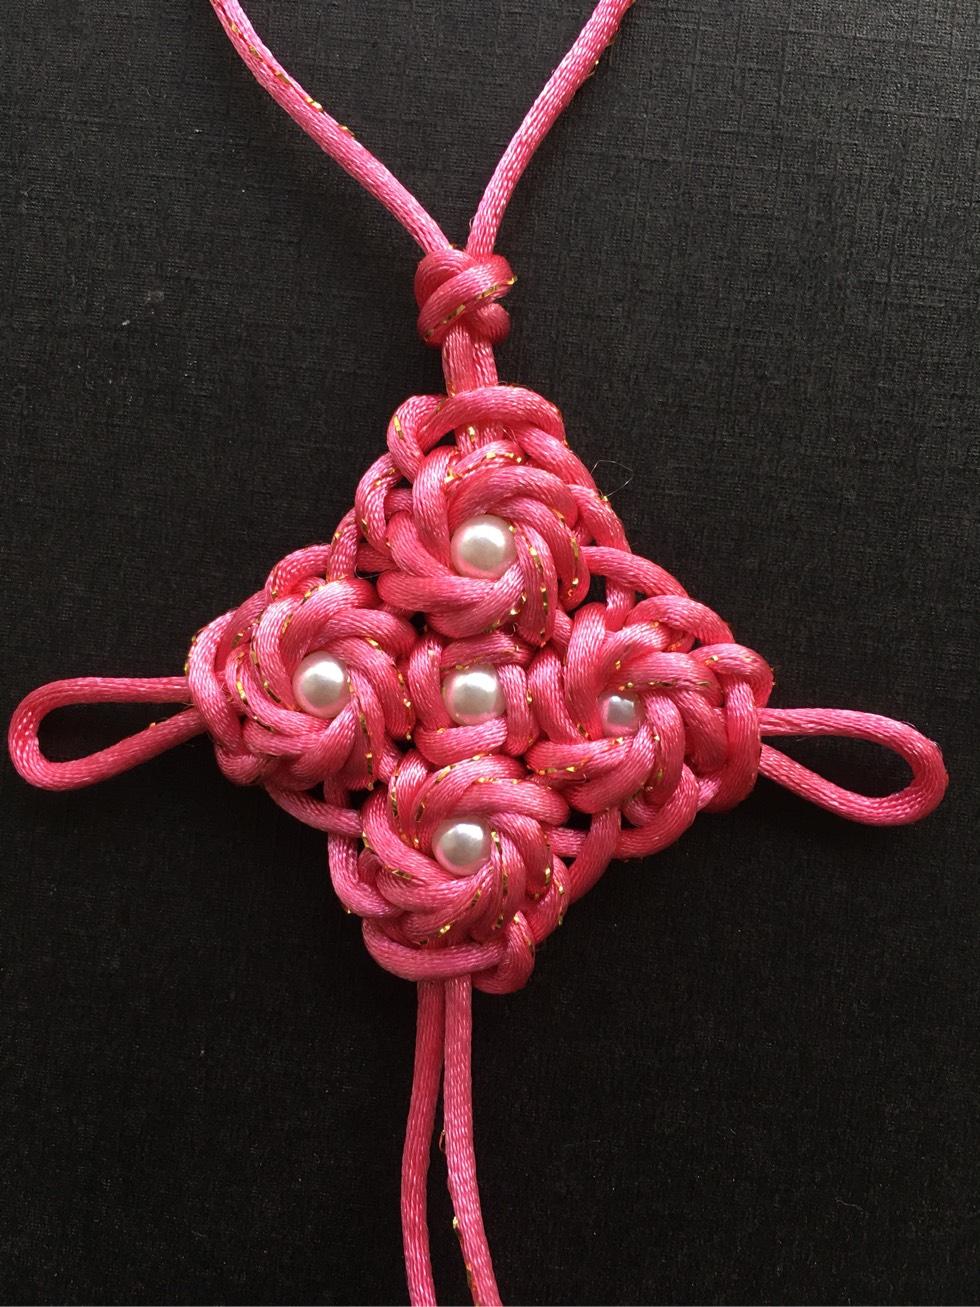 中国结论坛 锁结变化组合(三头六瓣、四头八瓣、六头十二瓣藻井结) 六瓣花有哪些,六瓣的金刚 作品展示 201218o3iqiechrx2myiih